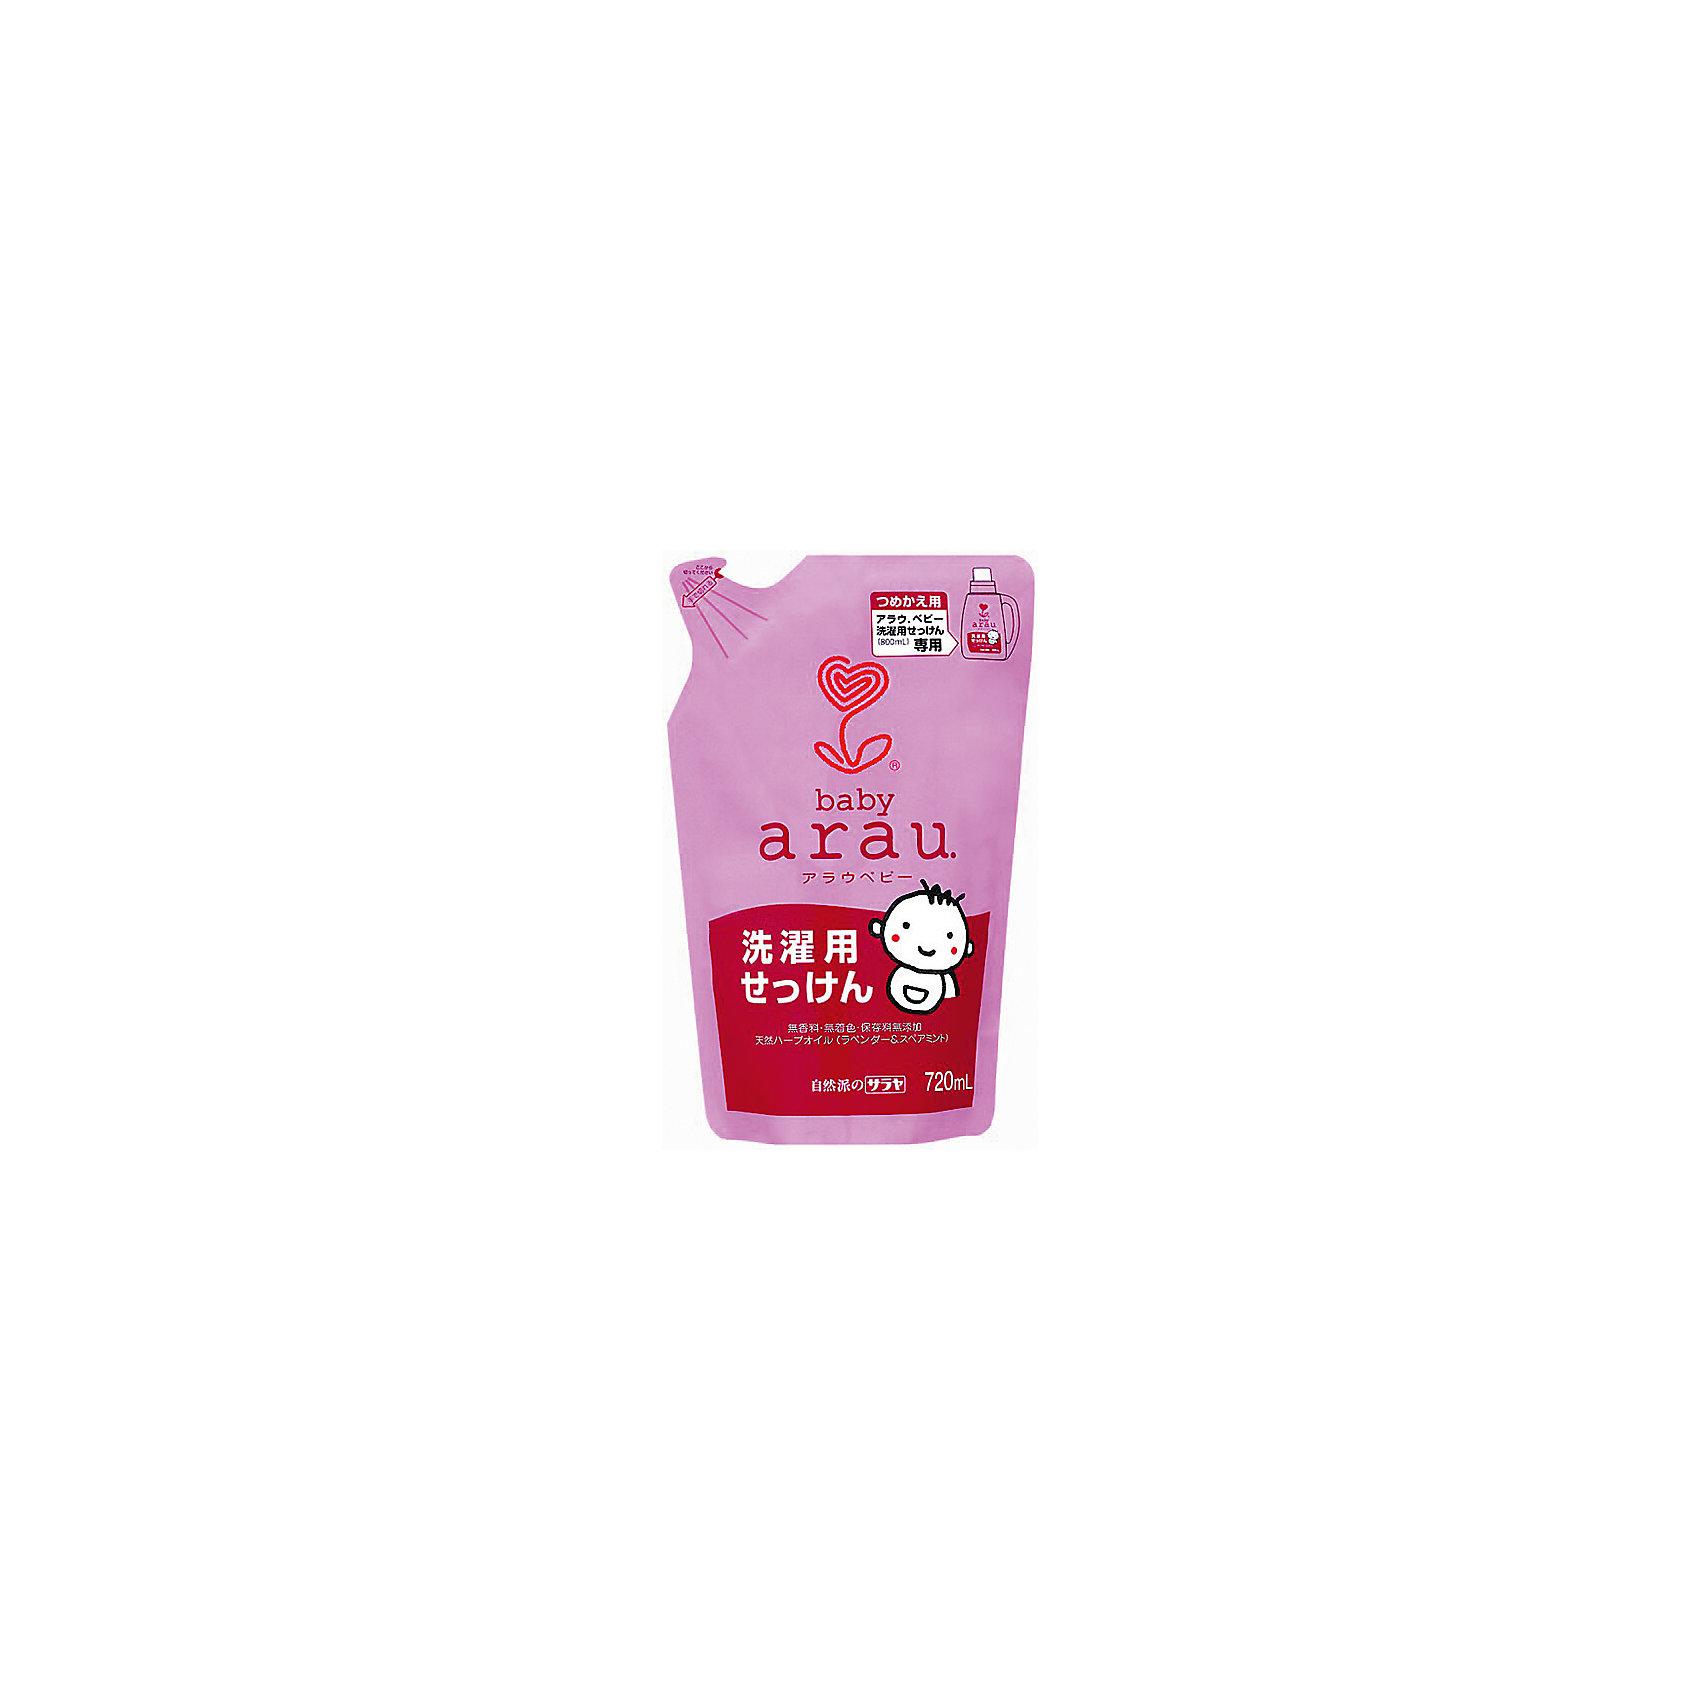 Жидкость для стирки детской одежды Arau Baby, 720 мл. (картридж), sarayaЖидкость для стирки детской одежды Arau Baby, 720 мл. (картридж), Saraya<br><br>Характеристики:<br><br>- объем: 720 мл.<br>- состав: калиевое мыло на основе кокосового масла, вода, эфирные масла лаванды и мяты.<br>- Страна производитель: Япония<br><br>Стирка не может быть проще, чем со средством для стики Arau Baby  (Арау Бейби)! Просто налейте его прямо в стиральную машину и мыло быстро растворится в воде, чтобы отстирать любые загрязнения. <br><br>Средство отлично ополаскивается и оставляет полотенца и детское белье пушистыми и мягкими даже без использования кондиционера. Удобная упаковка этого наполнителя с завинчивающейся крышечкой позволит наполнить бутылочку один раз. Все средства линии Аrau (Арау) оказывают бережное отношение к окружающей среде и разлагается не загрязняя её. Природные компоненты состава этого средства не провоцируют аллергию, формула мыла проверена дерматологами и не провоцирует раздражение. <br><br>В состав входят натуральные масла, придающее белью легкий и ненавязчивый запах, прочие ненатуральные ароматизаторы в формулу не входят. Идеально как для ручной, так и для автоматической стирки, отлично подходит для белого и цветного белья. В составе формулы нет красителей. Вы полюбите чистые вещи вместе с Аrau Baby (Арау Бейби)!<br><br>Жидкость для стирки детской одежды Arau Baby, 720 мл. (картридж), Saraya можно купить в нашем интернет-магазине.<br><br>Ширина мм: 315<br>Глубина мм: 260<br>Высота мм: 280<br>Вес г: 500<br>Возраст от месяцев: 216<br>Возраст до месяцев: 1188<br>Пол: Унисекс<br>Возраст: Детский<br>SKU: 5397356